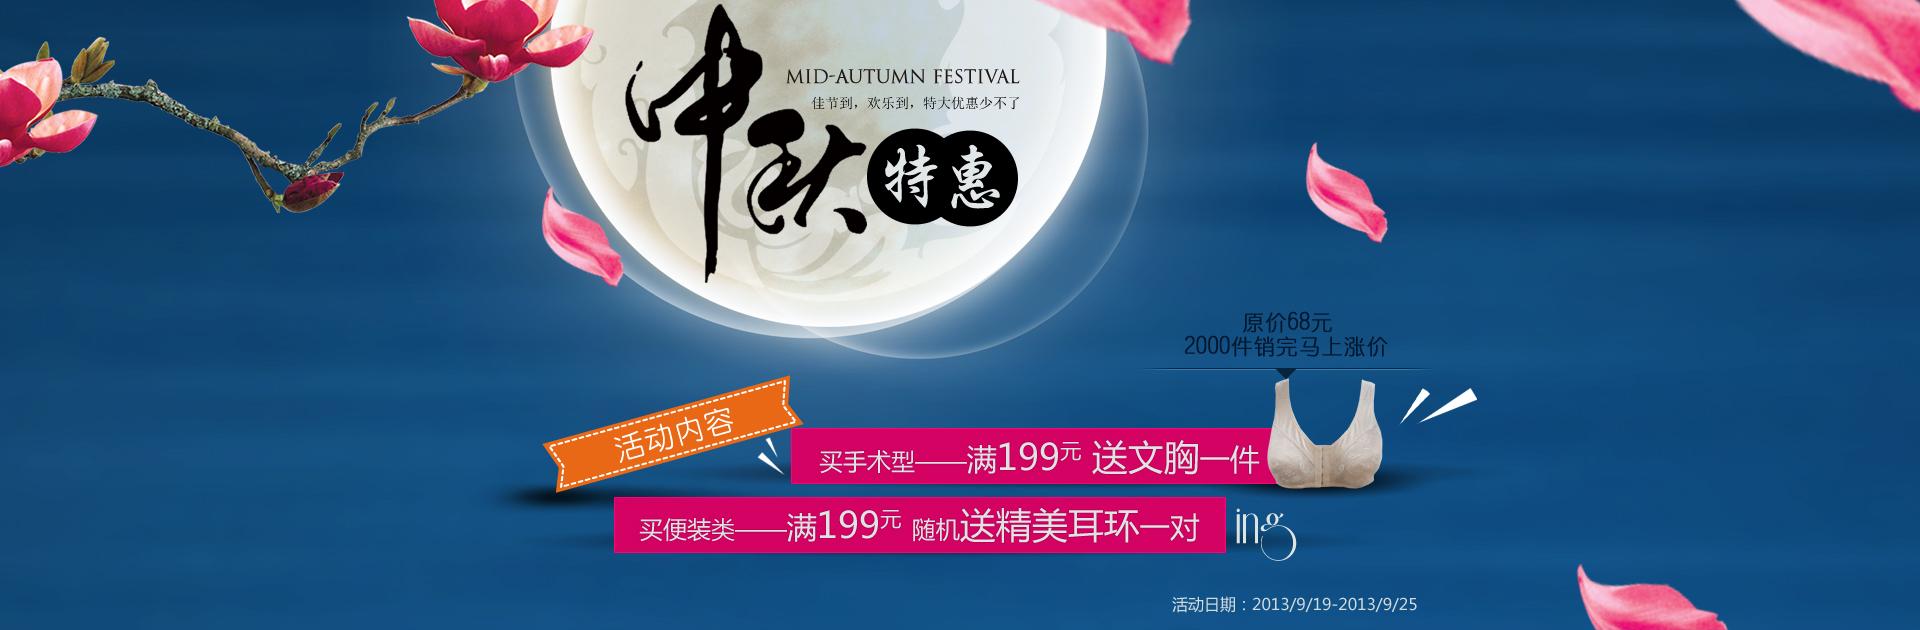 中秋节活动海报设计,淘宝店活动海报设计图片